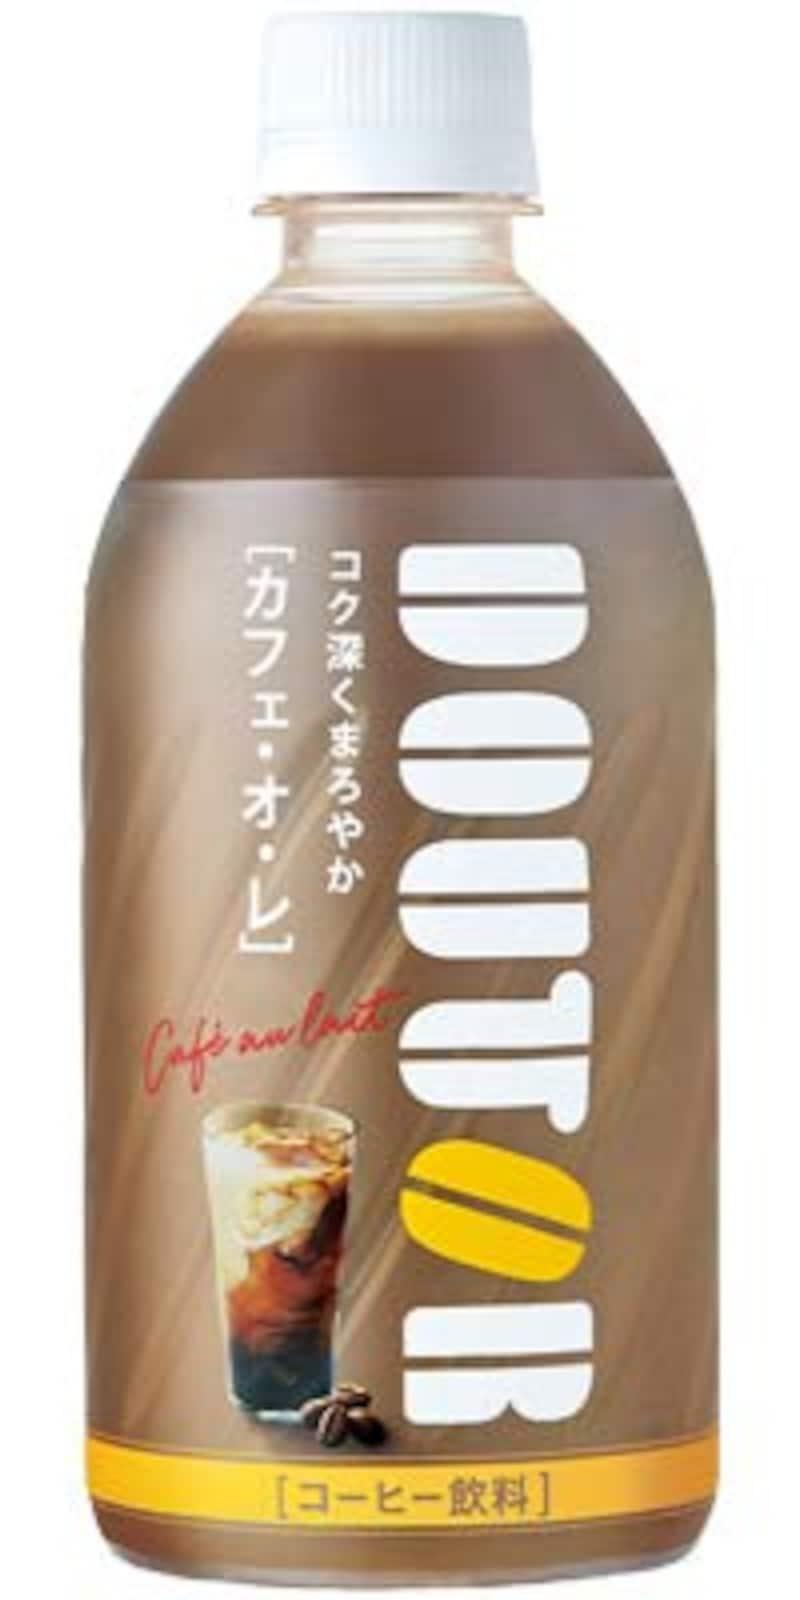 アサヒ飲料,ドトール カフェ・オ・レ 480ml×24本入